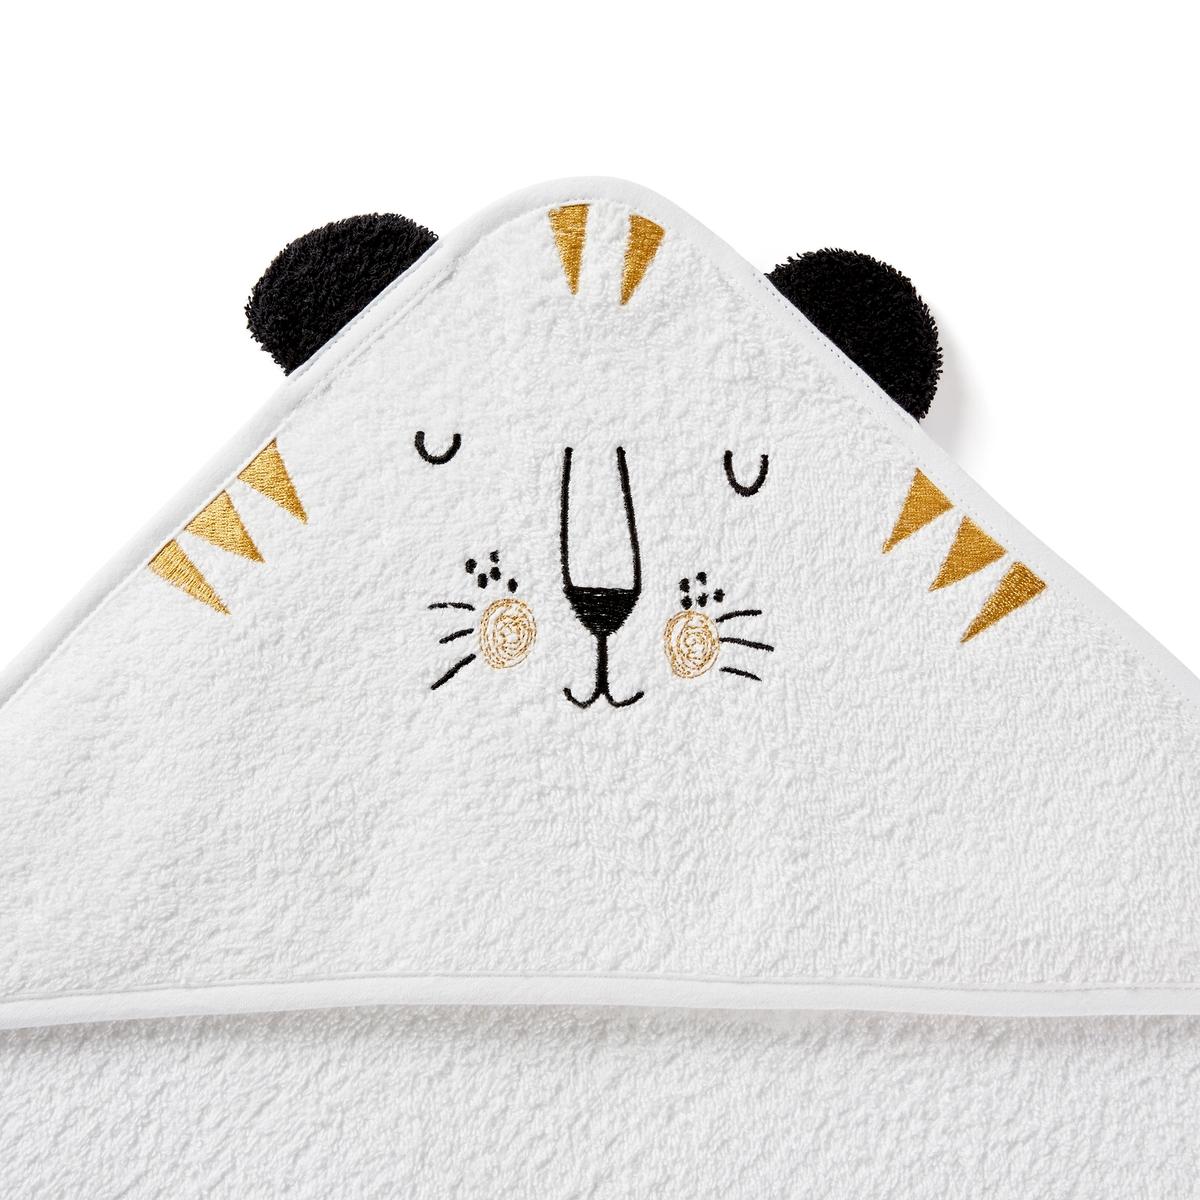 цена Накидка La Redoute Банная для новорожденного с капюшоном и вышивкой Kalou 70 x 70 см белый онлайн в 2017 году